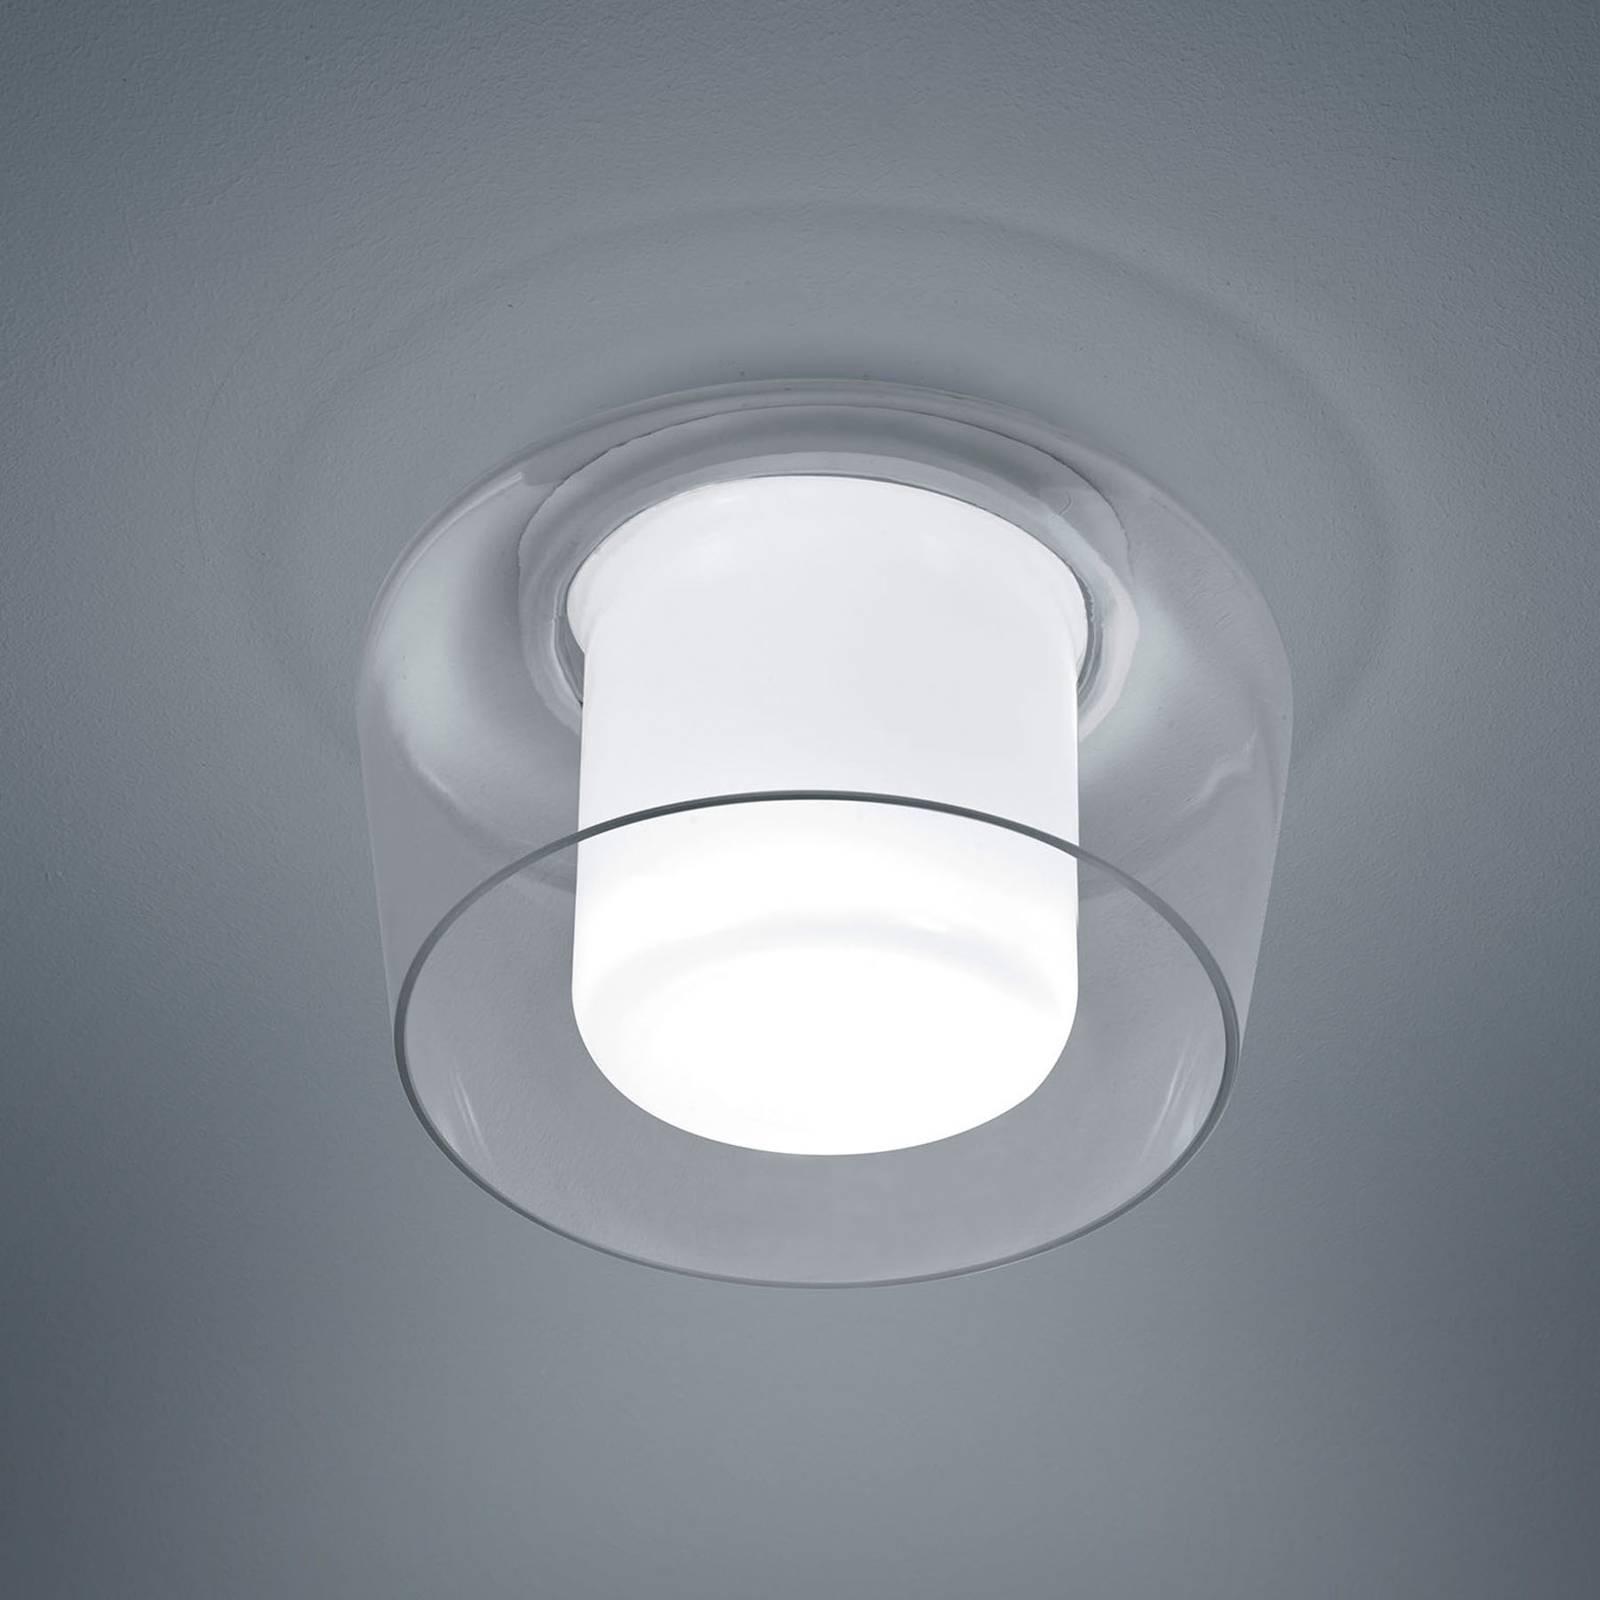 Helestra Canio Glas-Deckenleuchte, außen klar